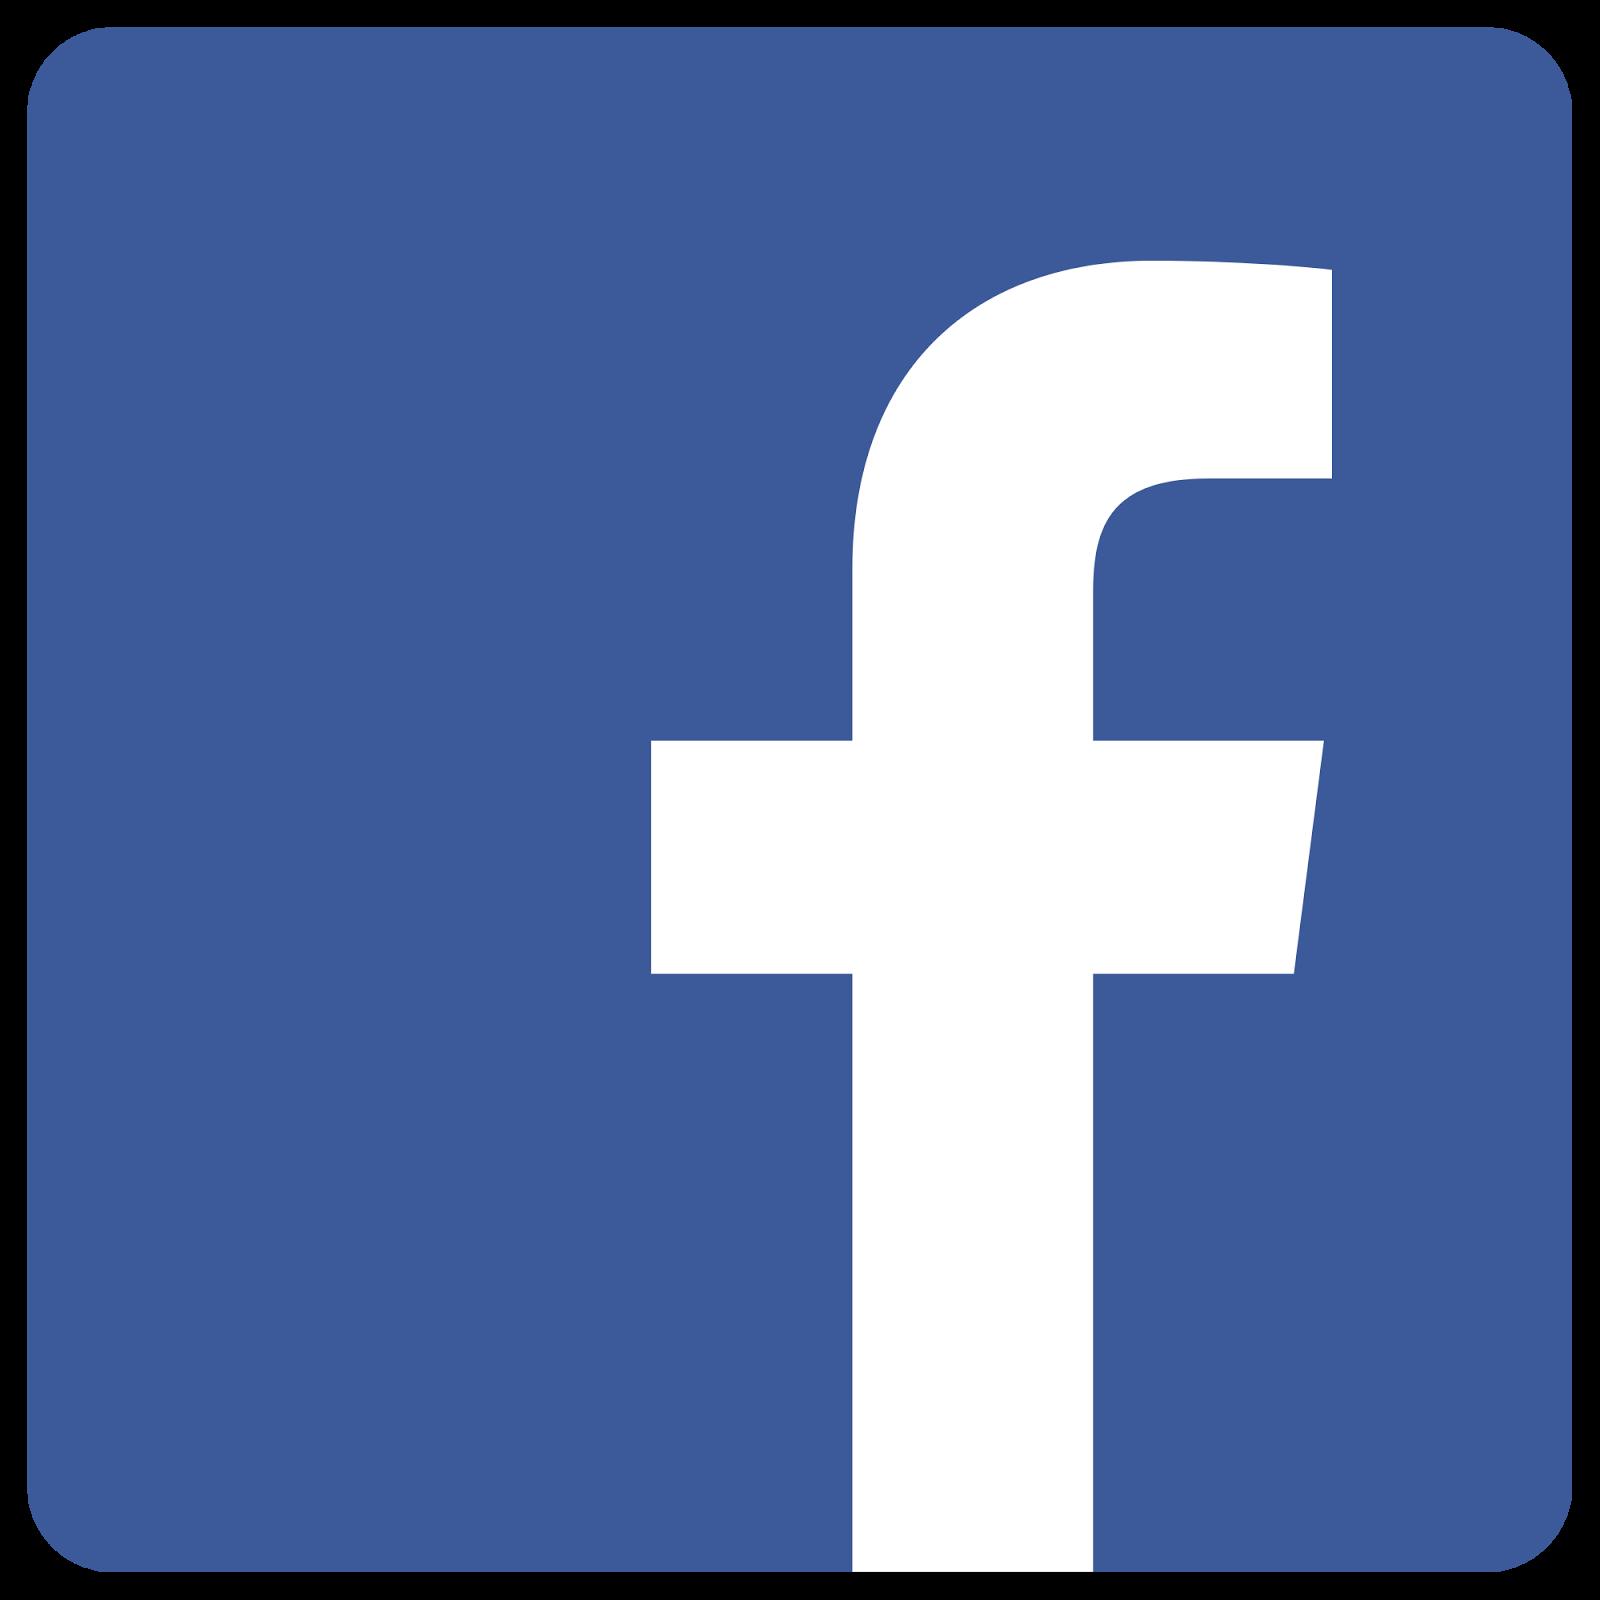 facebook-logopng